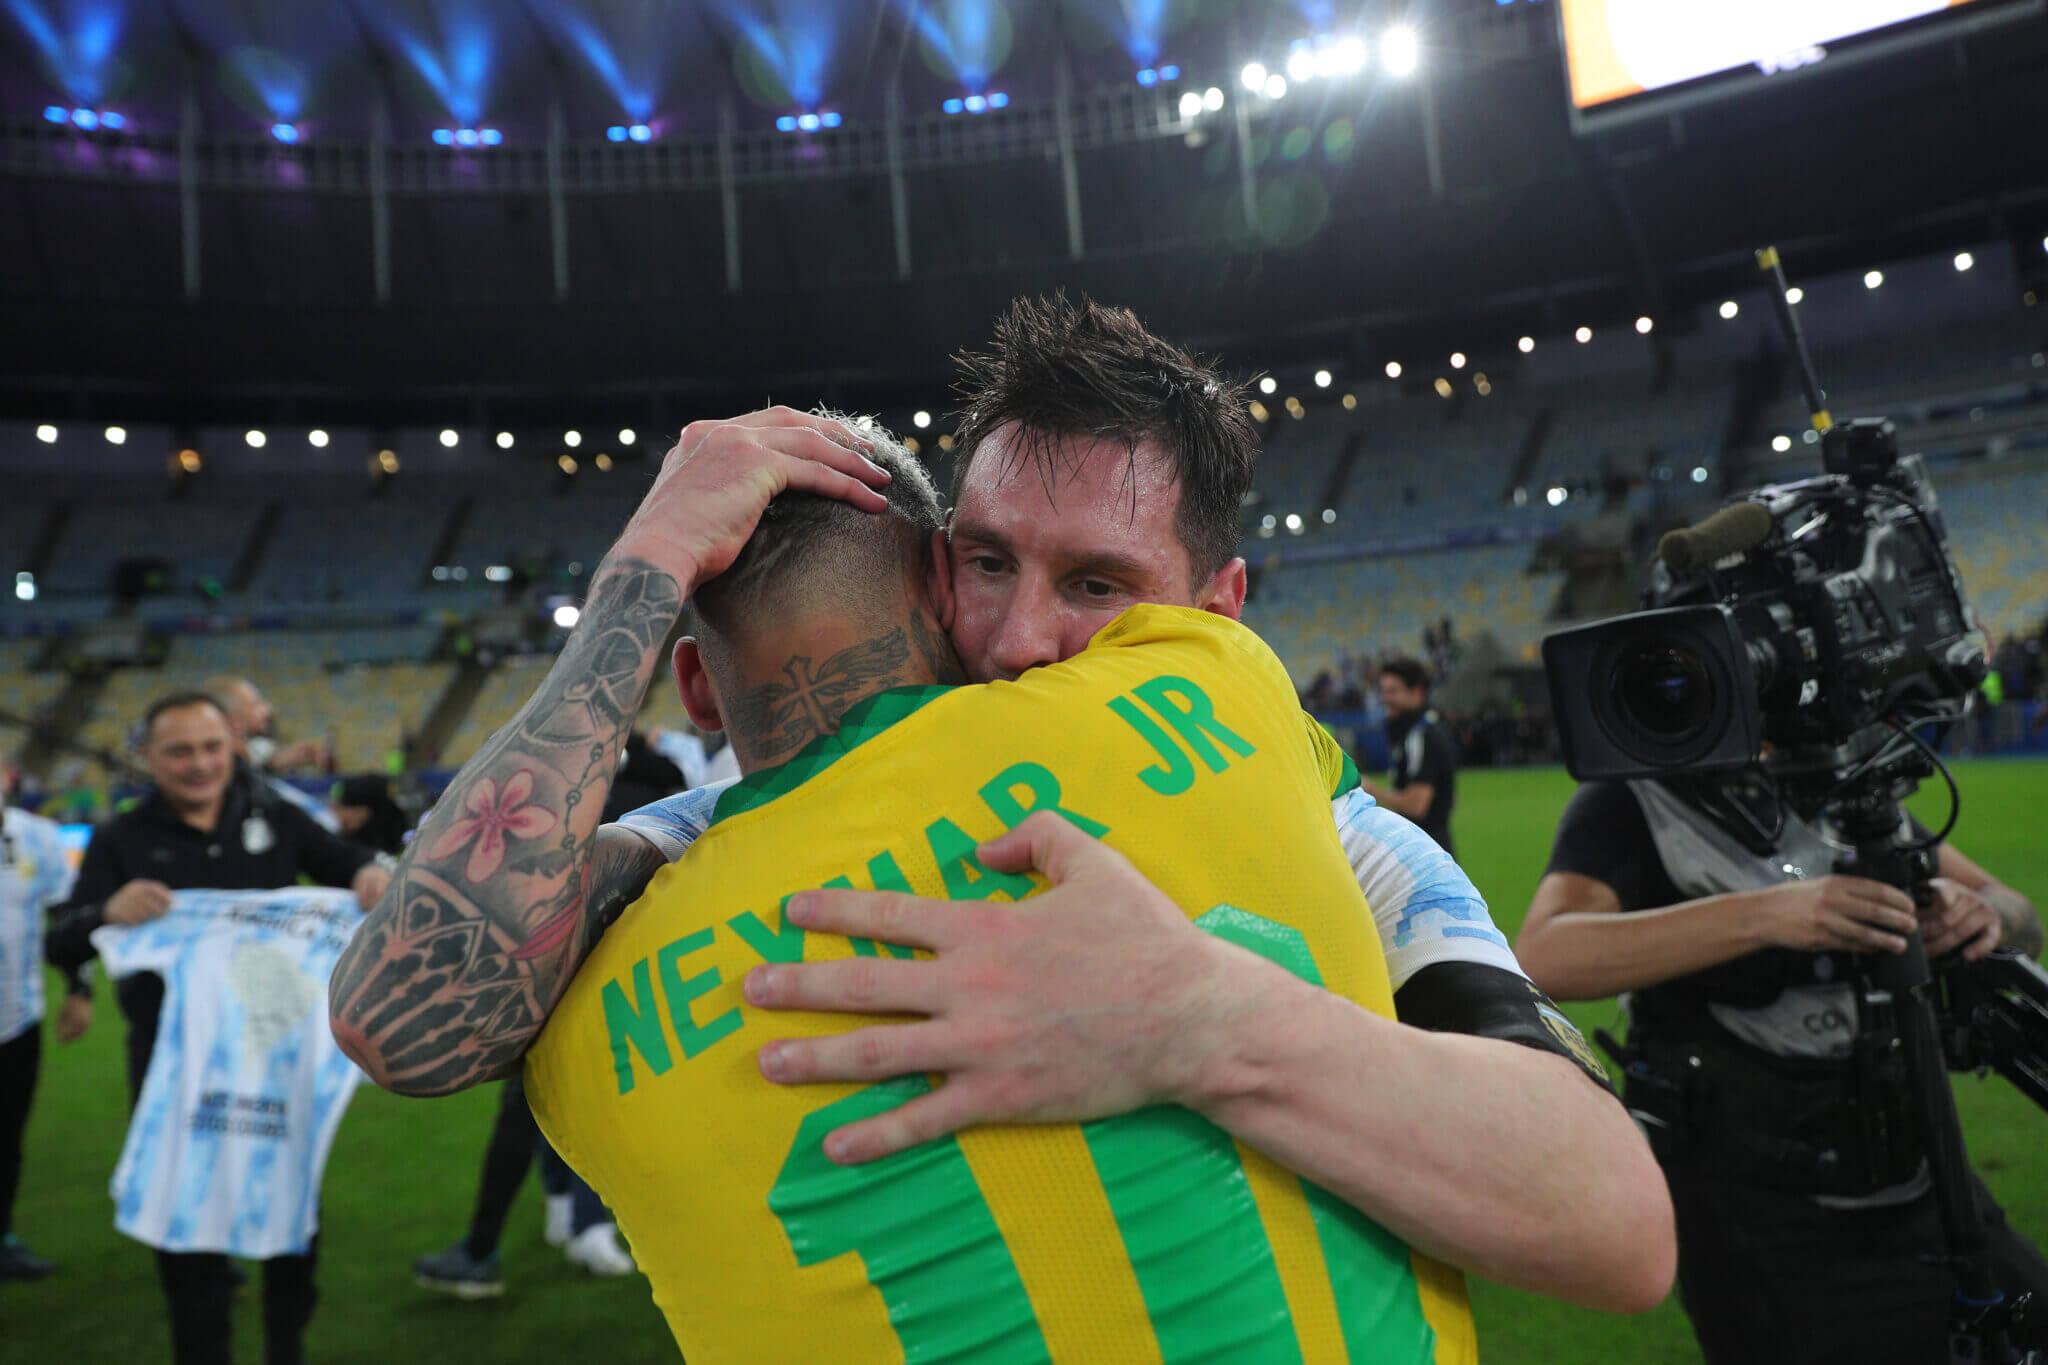 TA:巴黎或要求梅西参加世界杯,而梅西厌倦巴萨的政治斗争